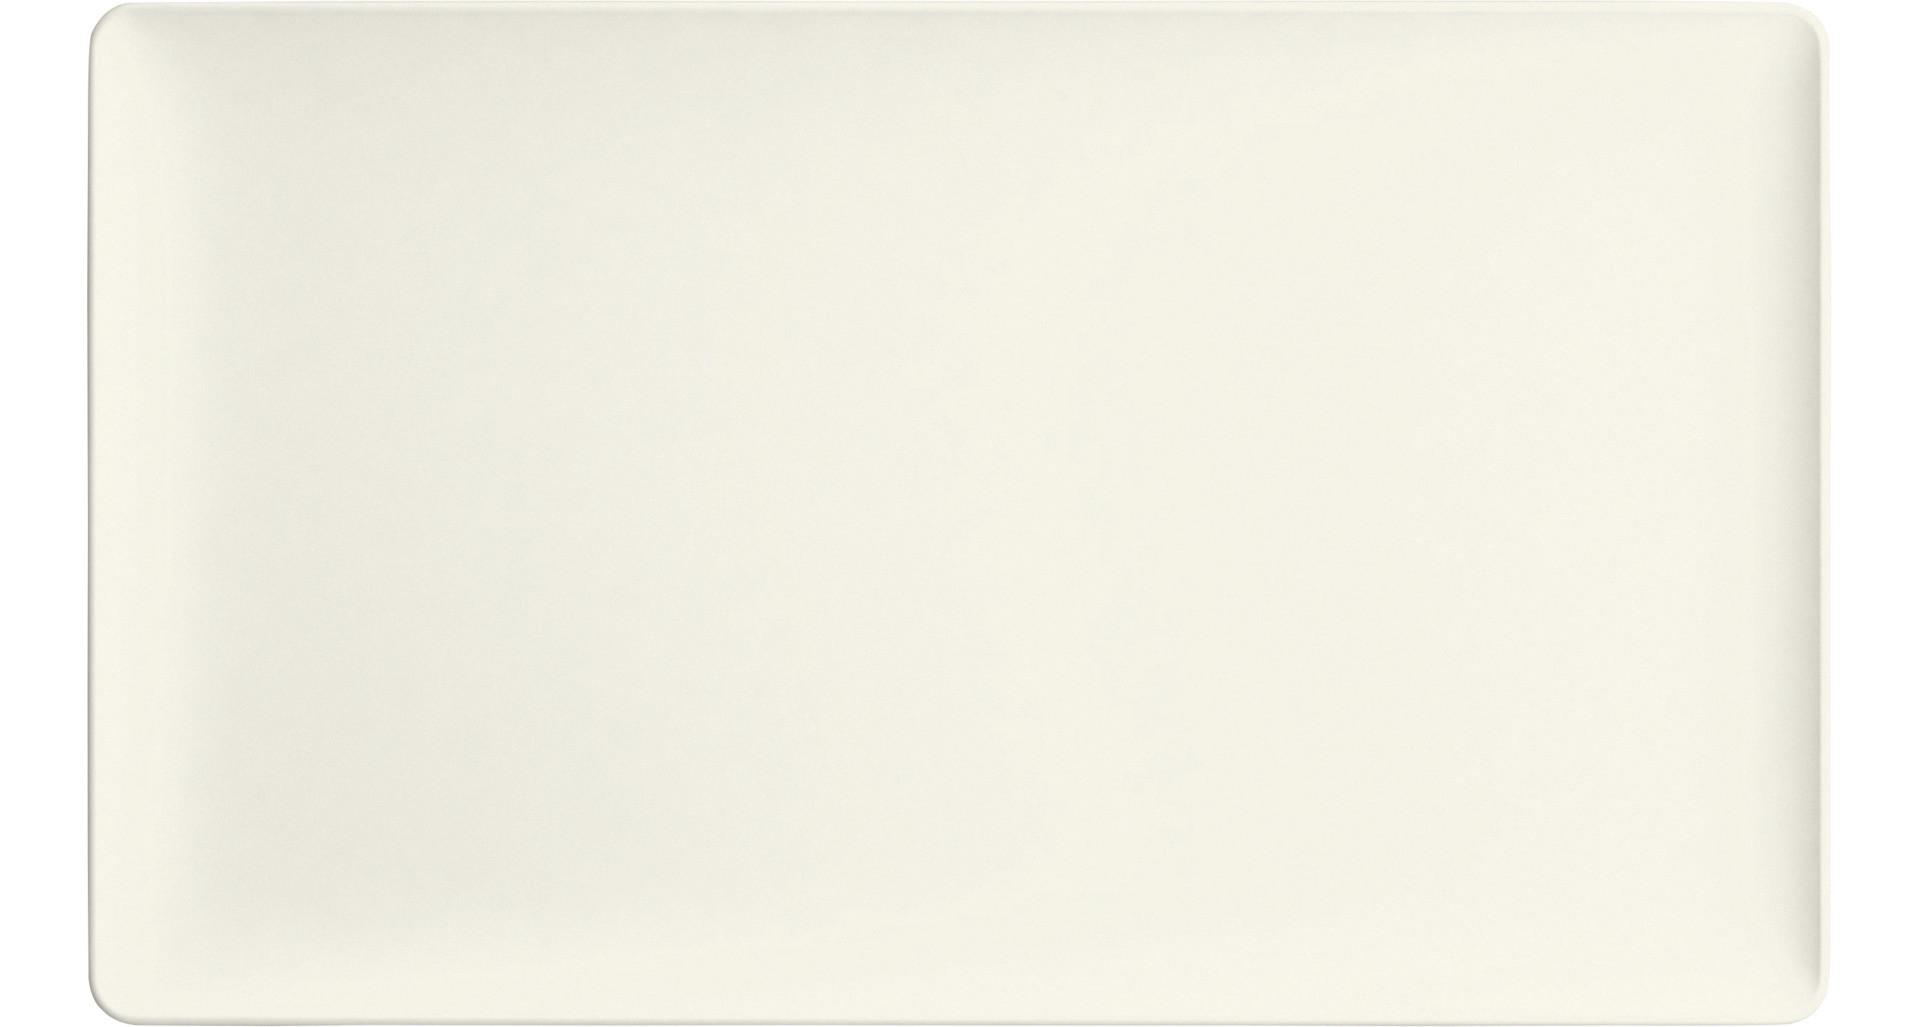 Purity, Coupplatte rechteckig 340 x 200 mm